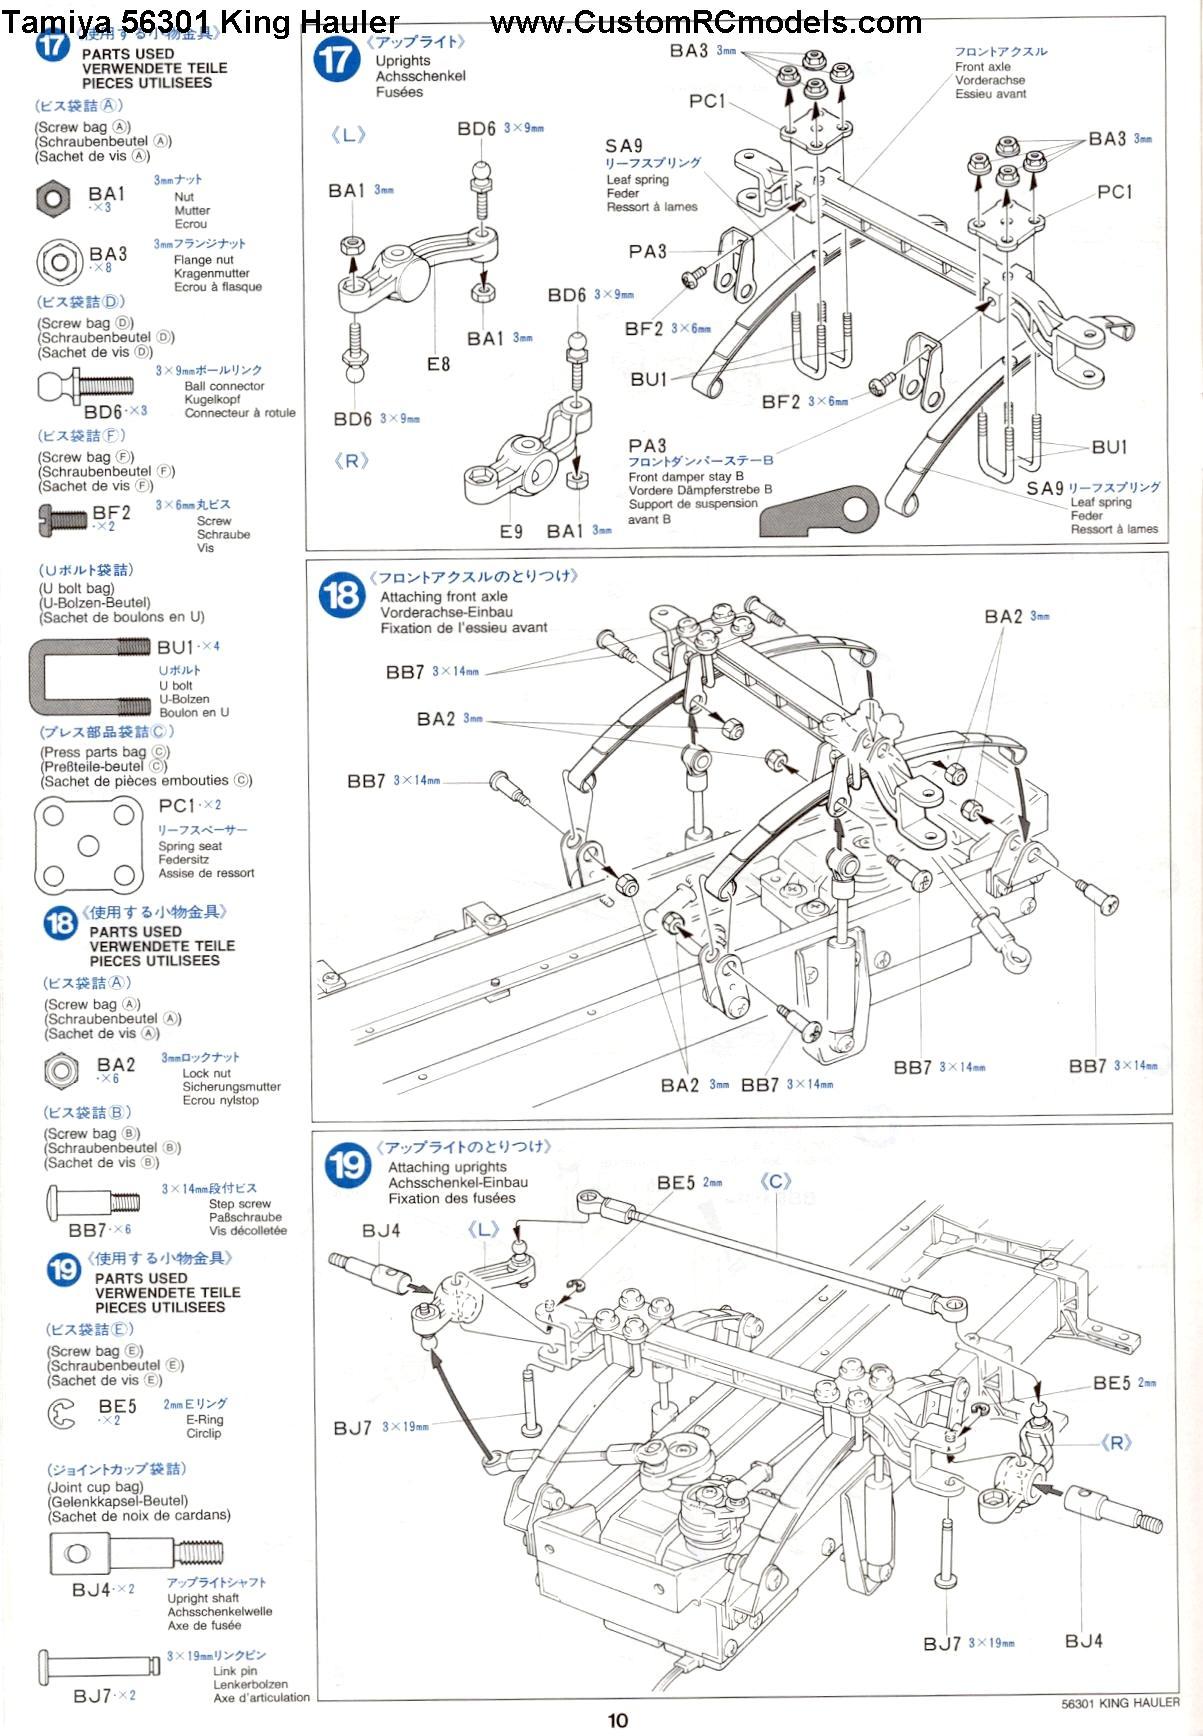 Tamiya 56301 King Hauler manual page 10